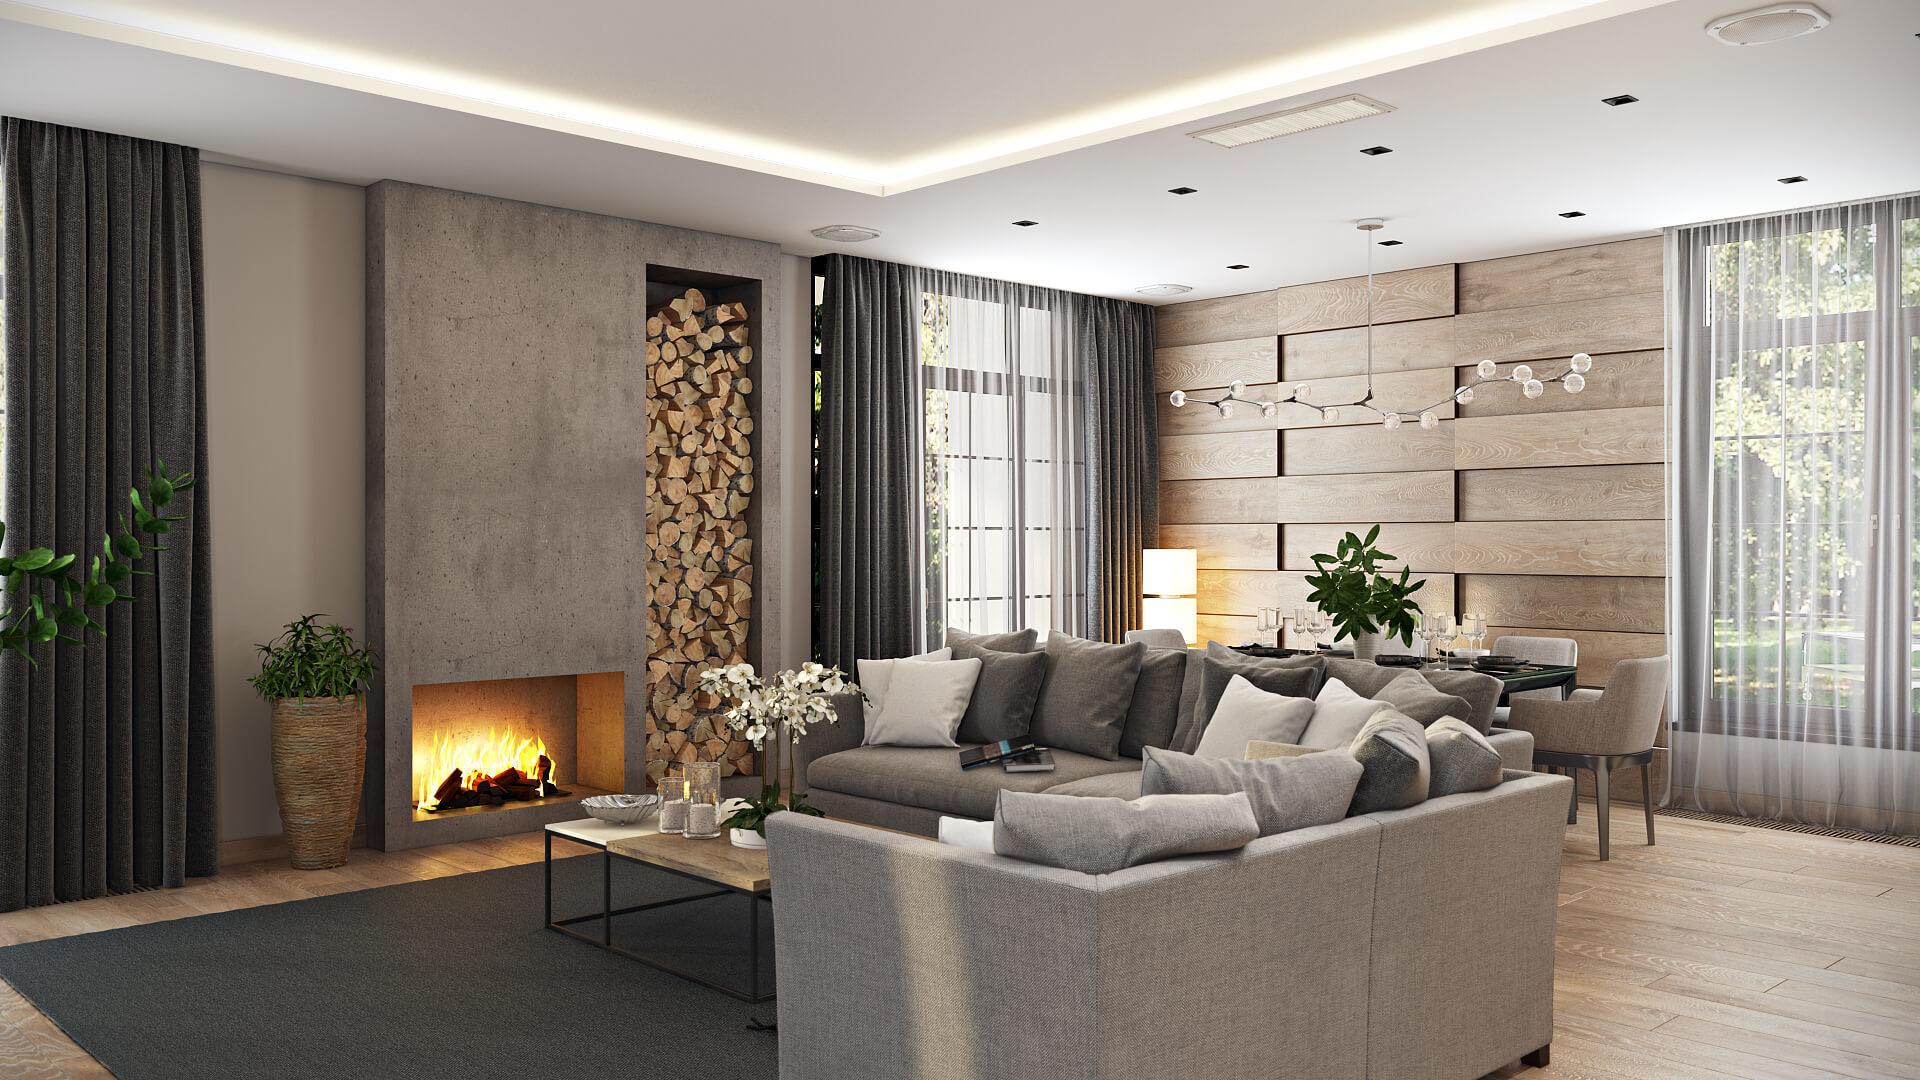 Состав дизайн-проекта интерьера частного дома